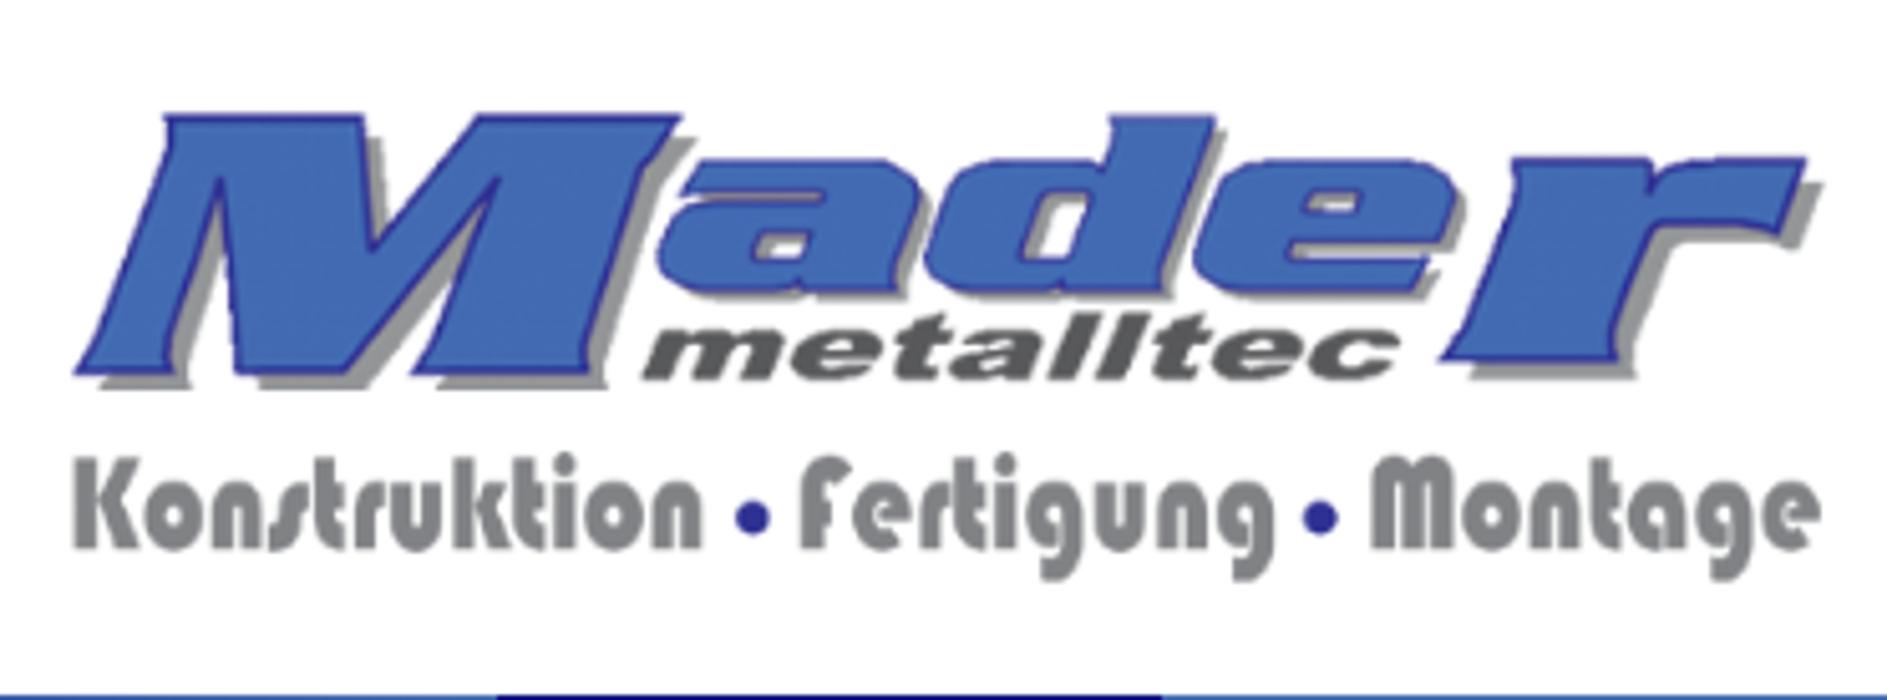 Bild zu Mader Metalltec GmbH & Co.KG in Deggendorf